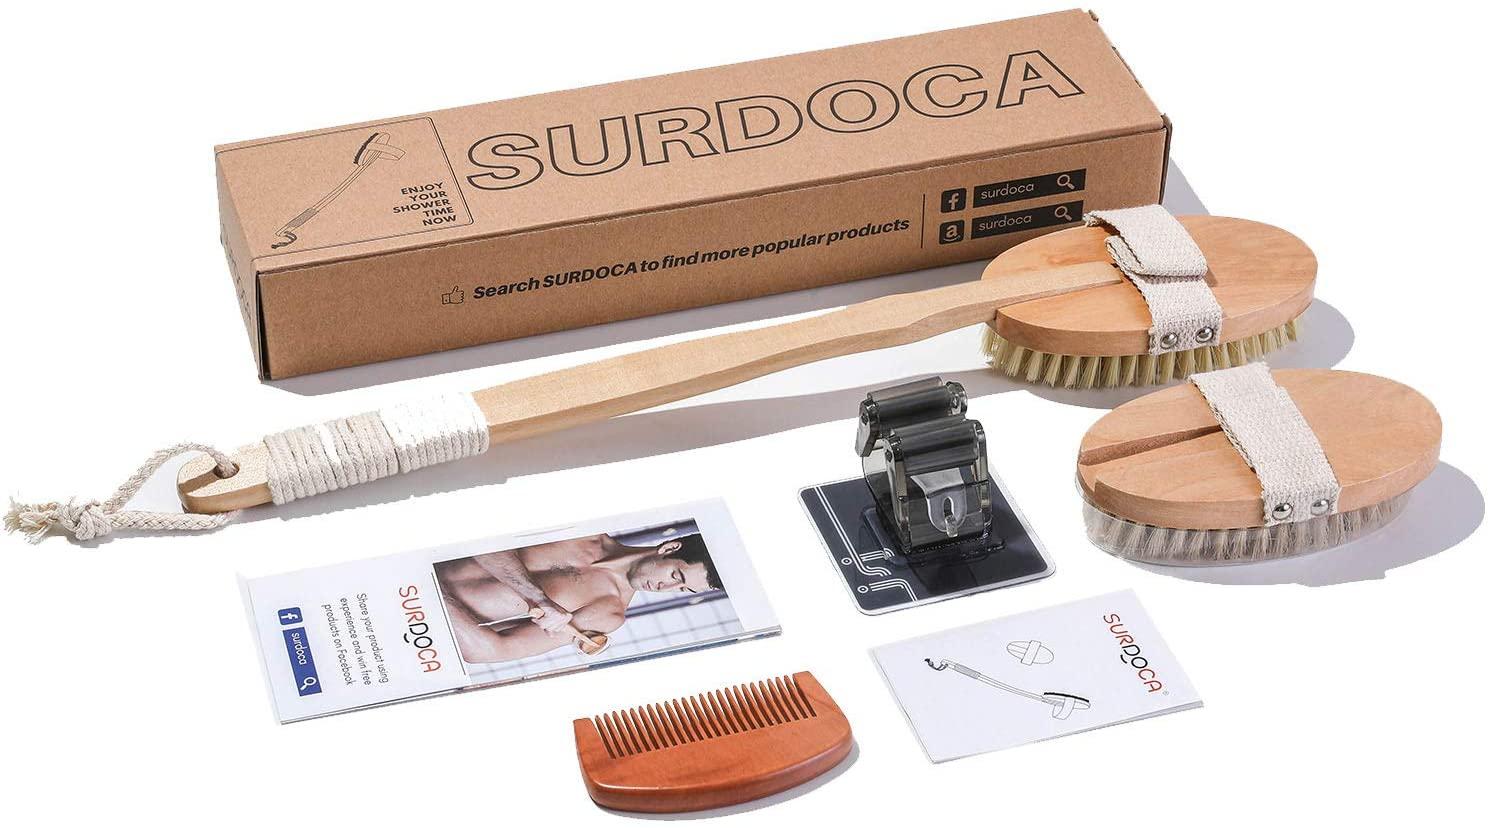 Ensemble de brosses de bain en bois pour le corps Surdoca (Vendeur tiers)